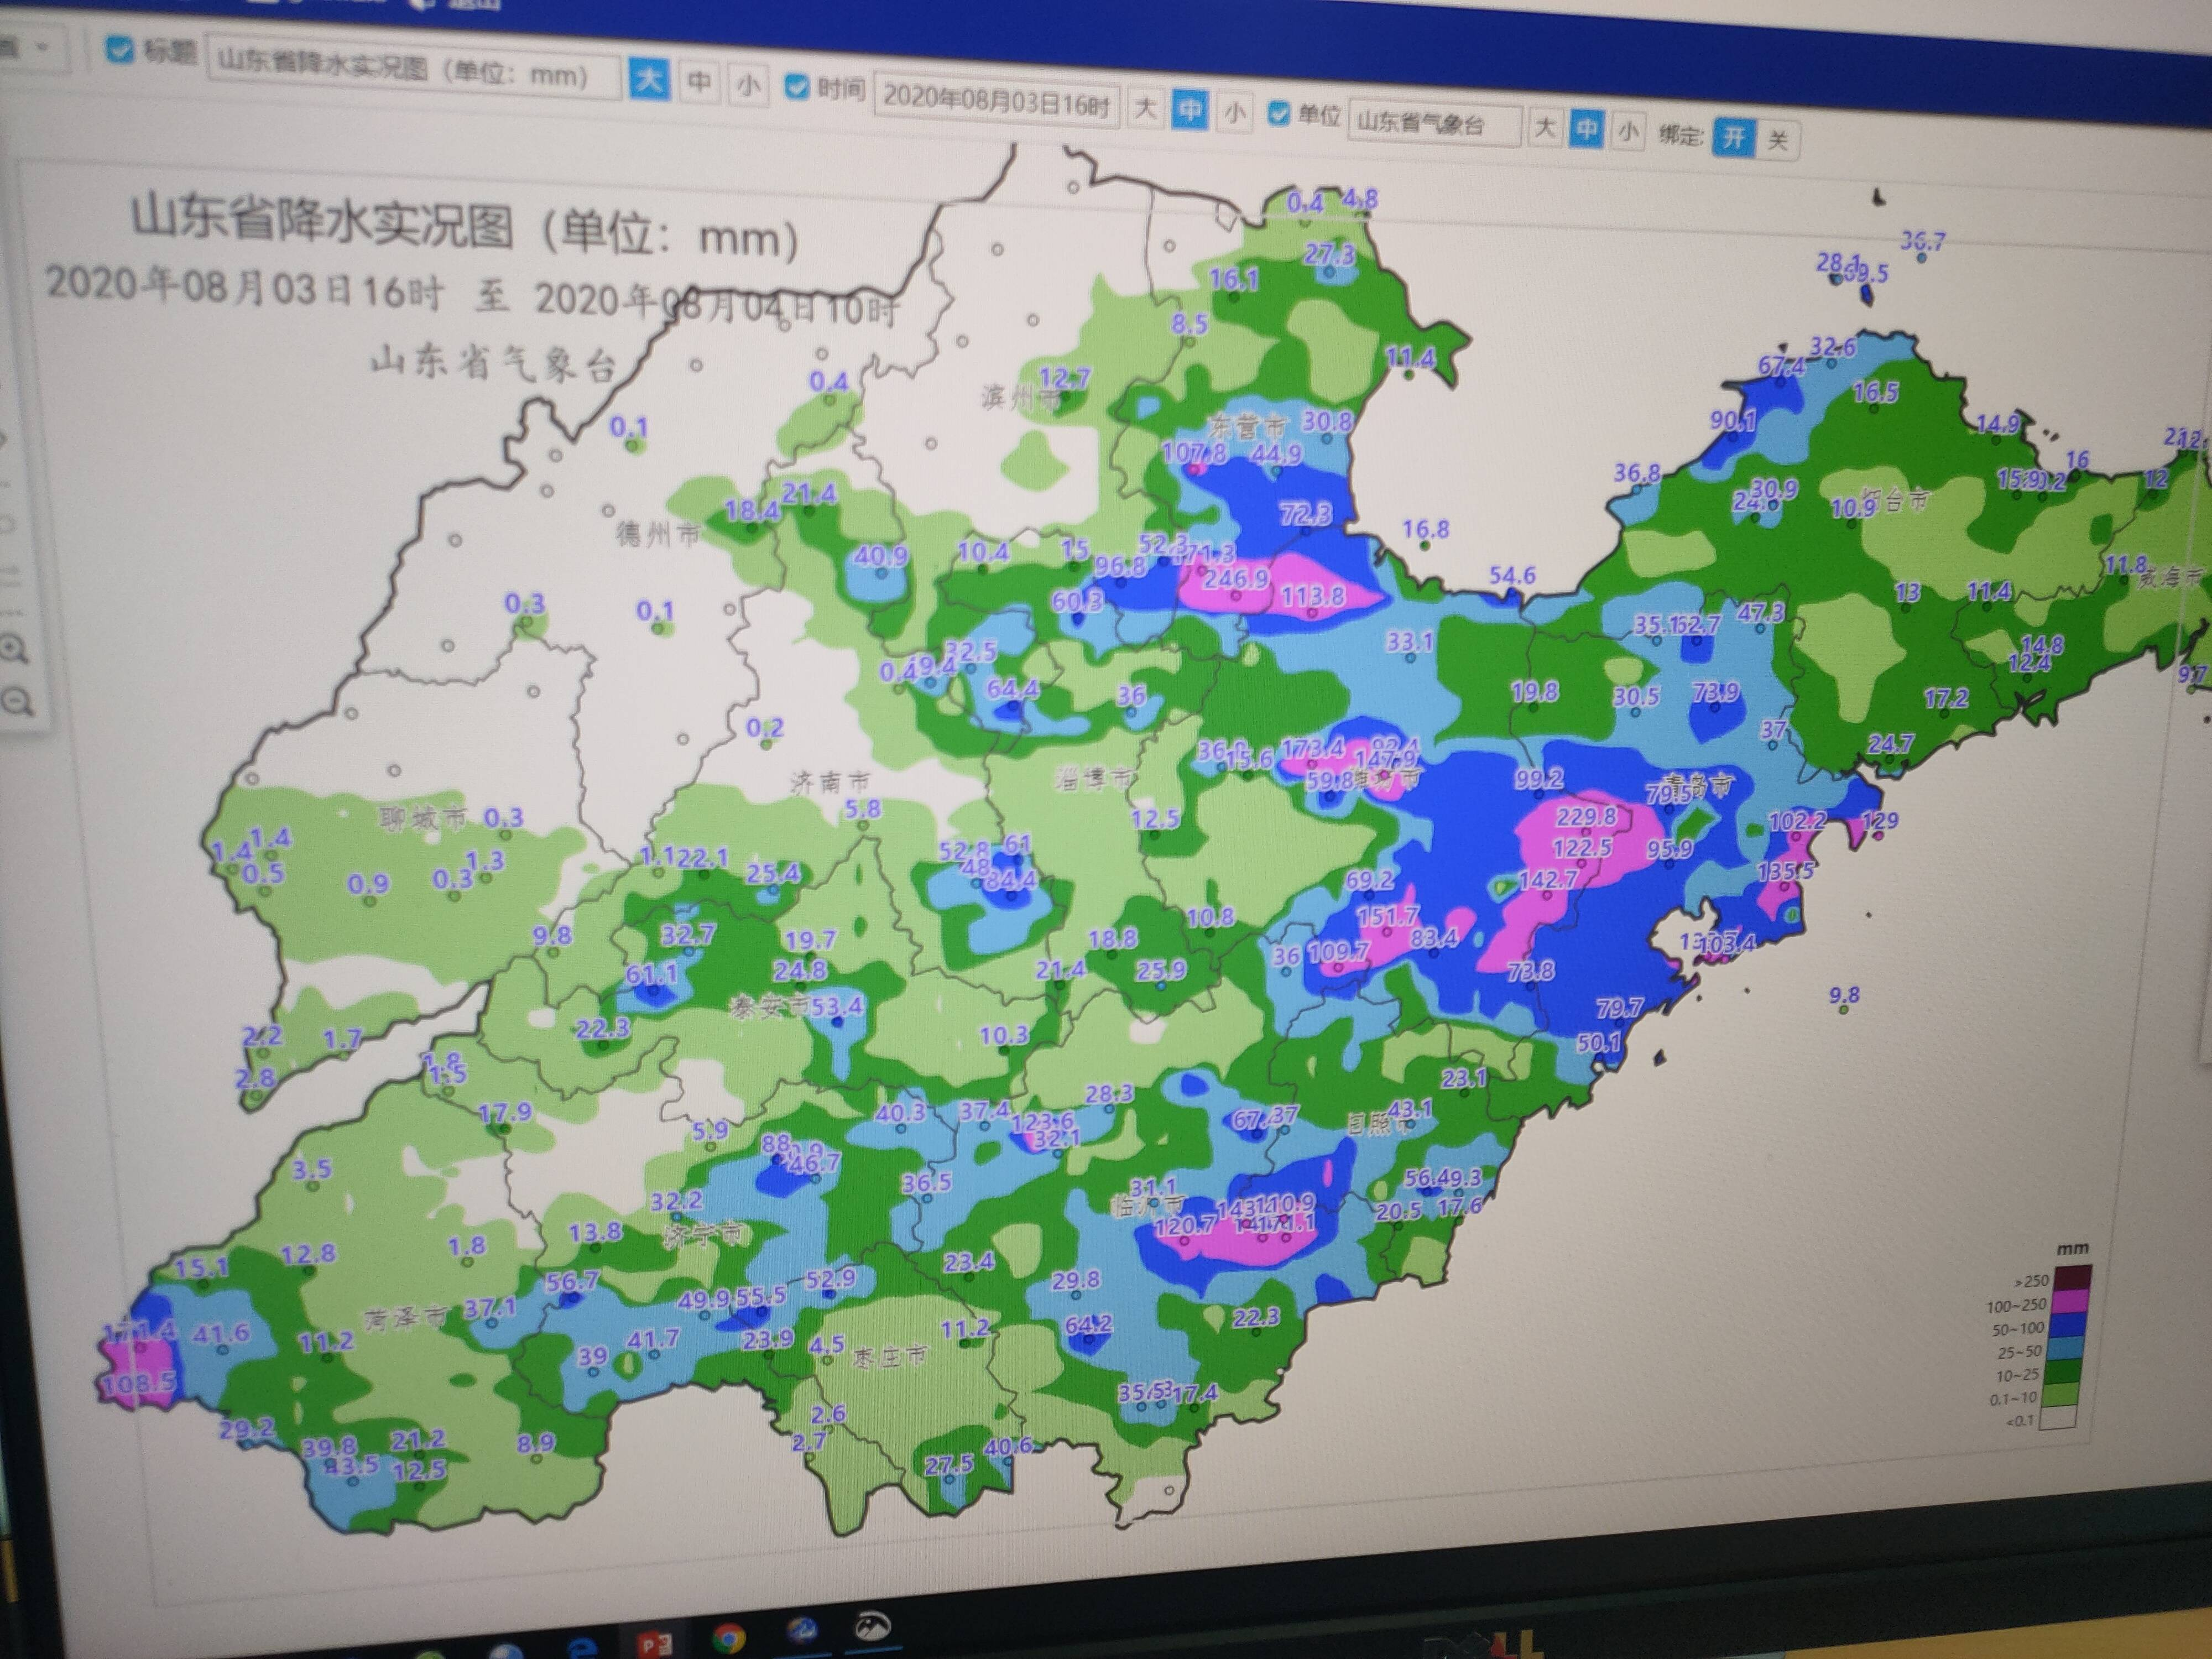 海丽气象吧 | 解除雷电预警 8月4日至7日山东将迎来新一轮降雨